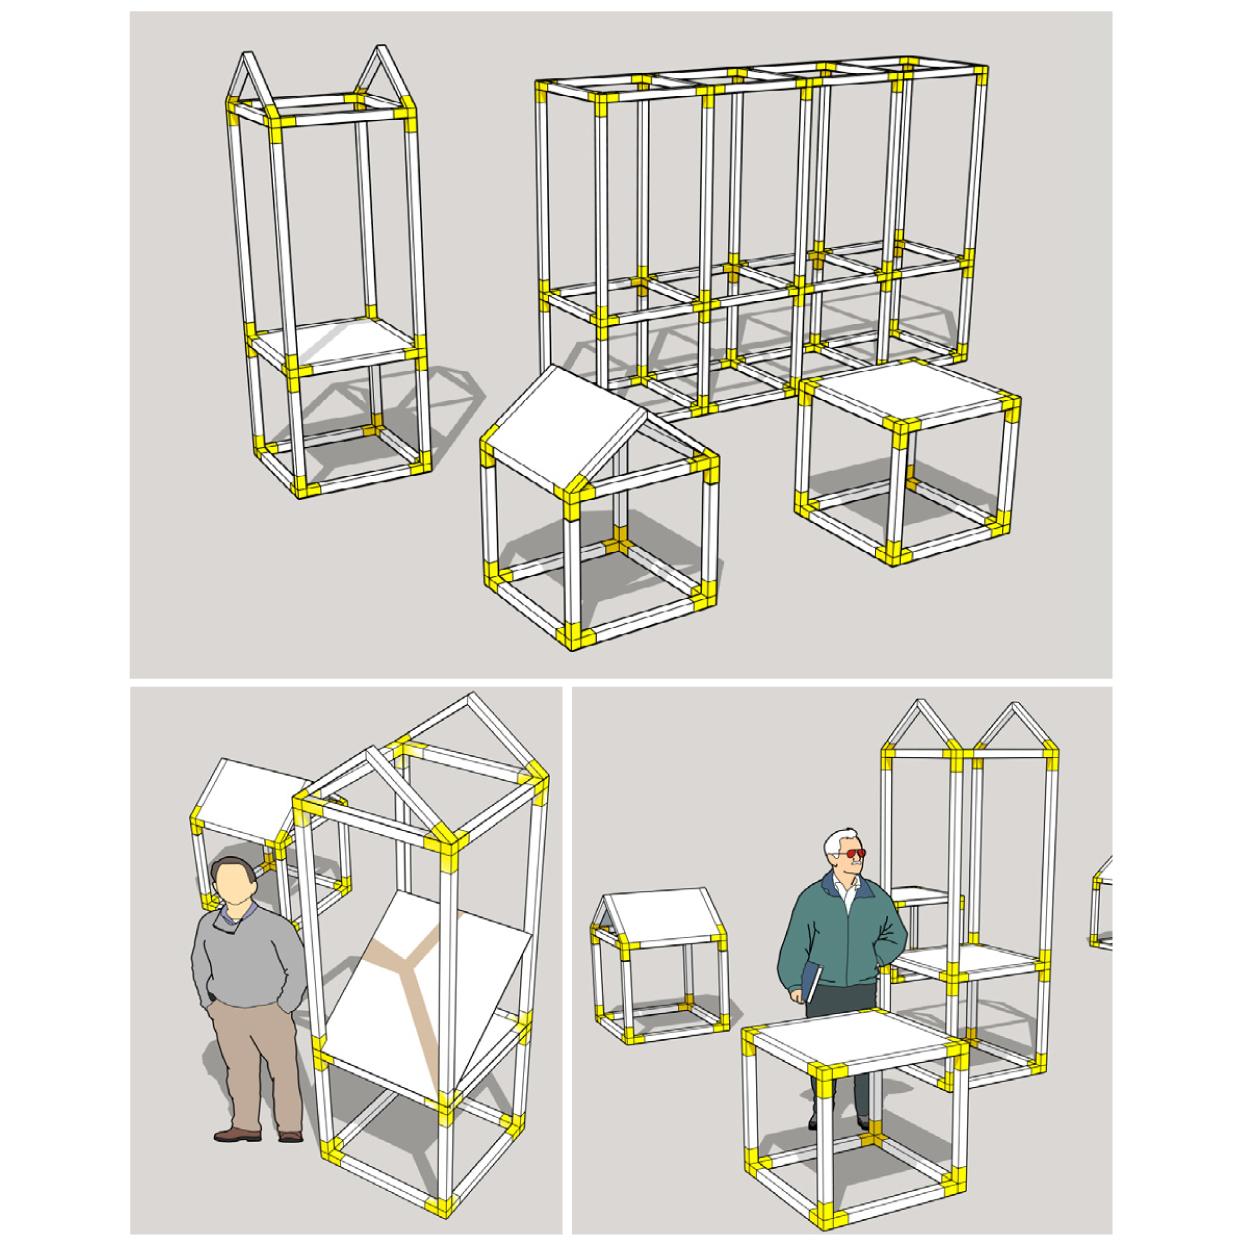 Principe de montage des modules constitutifs de l'exposition Bastides des villes neuves en quercy